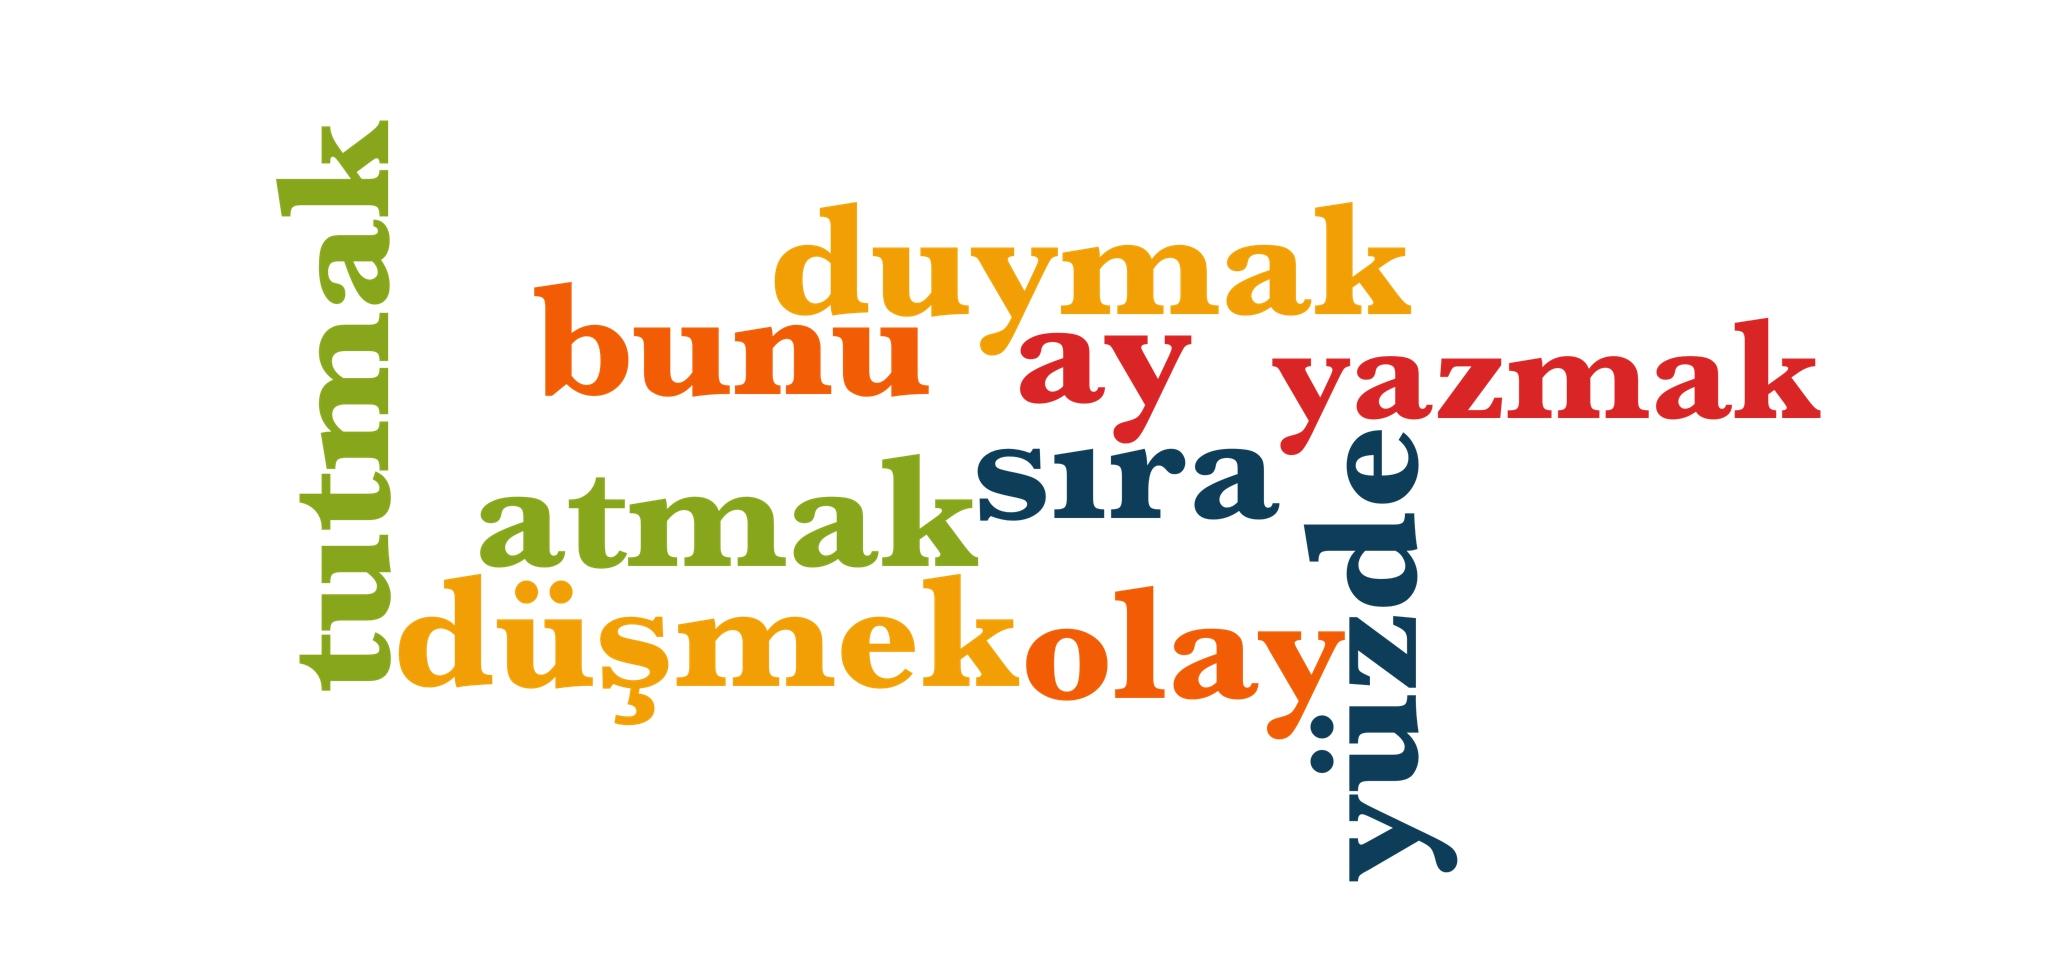 Wörter 161 bis 170 der 1000 häufigsten Wörter der türkischen Sprache